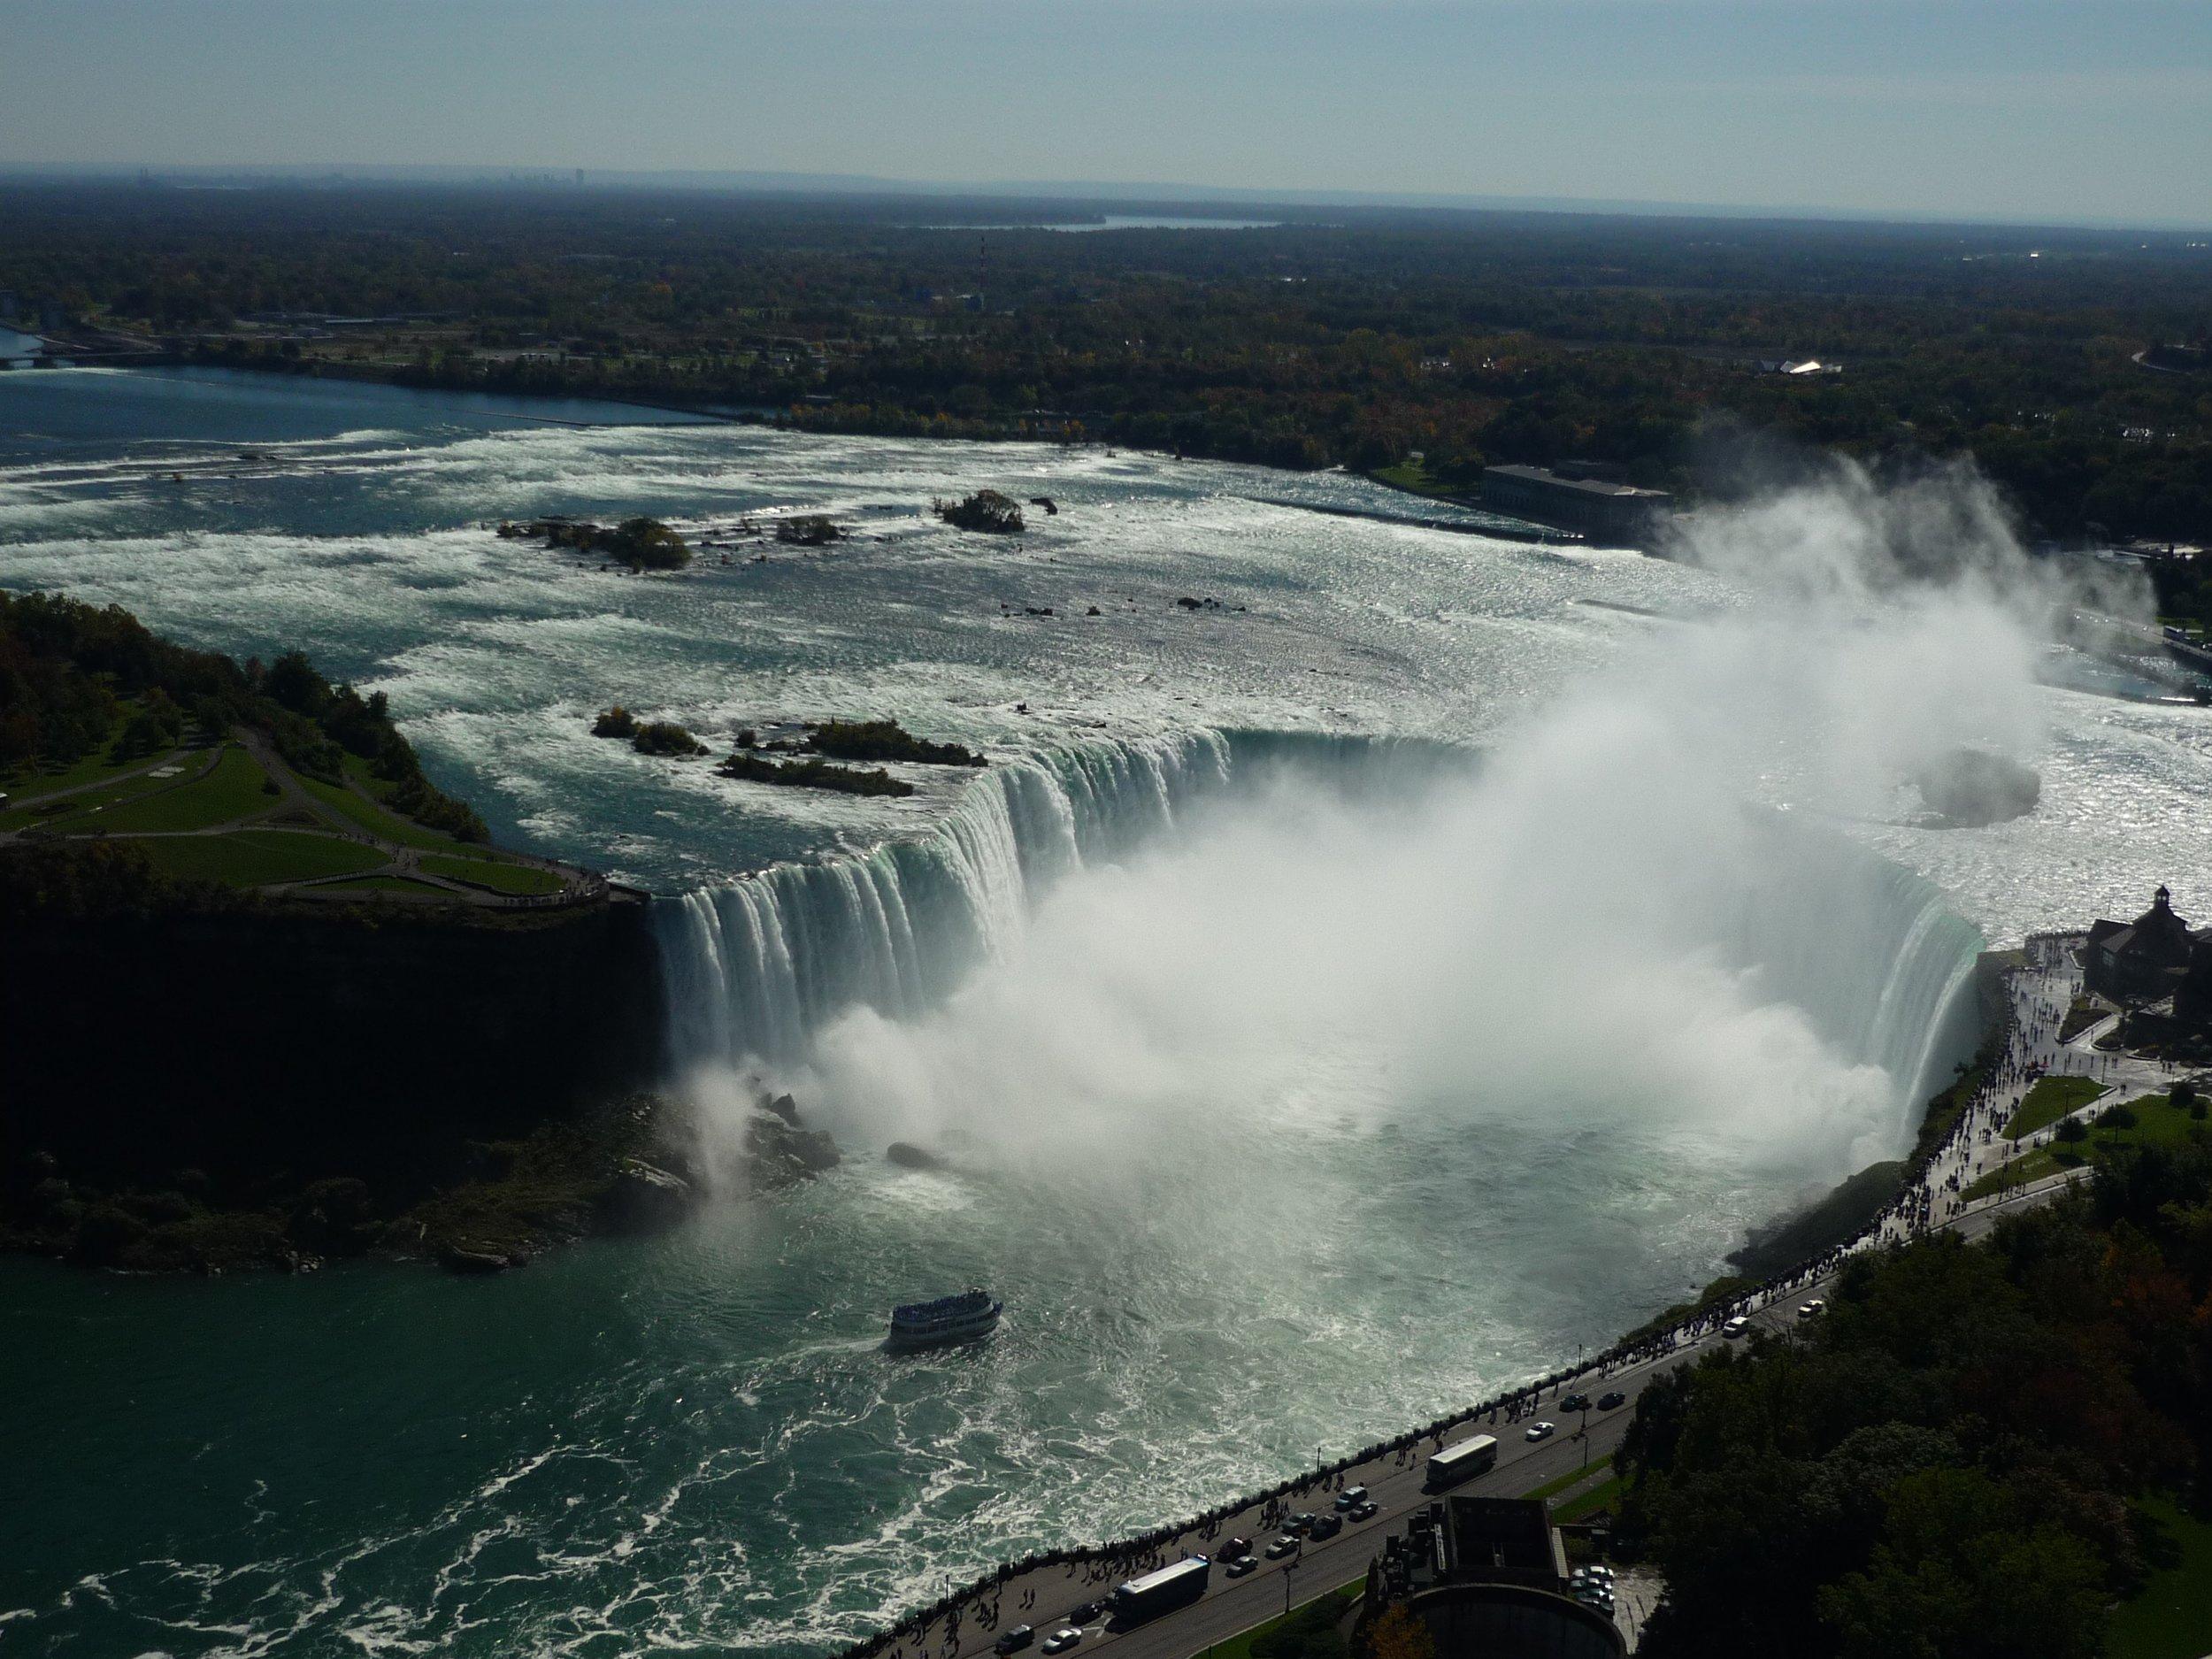 Cerca de 168 mil m³ de água por minuto caem nas quedas nas gargantas das cataratas do Niágara.